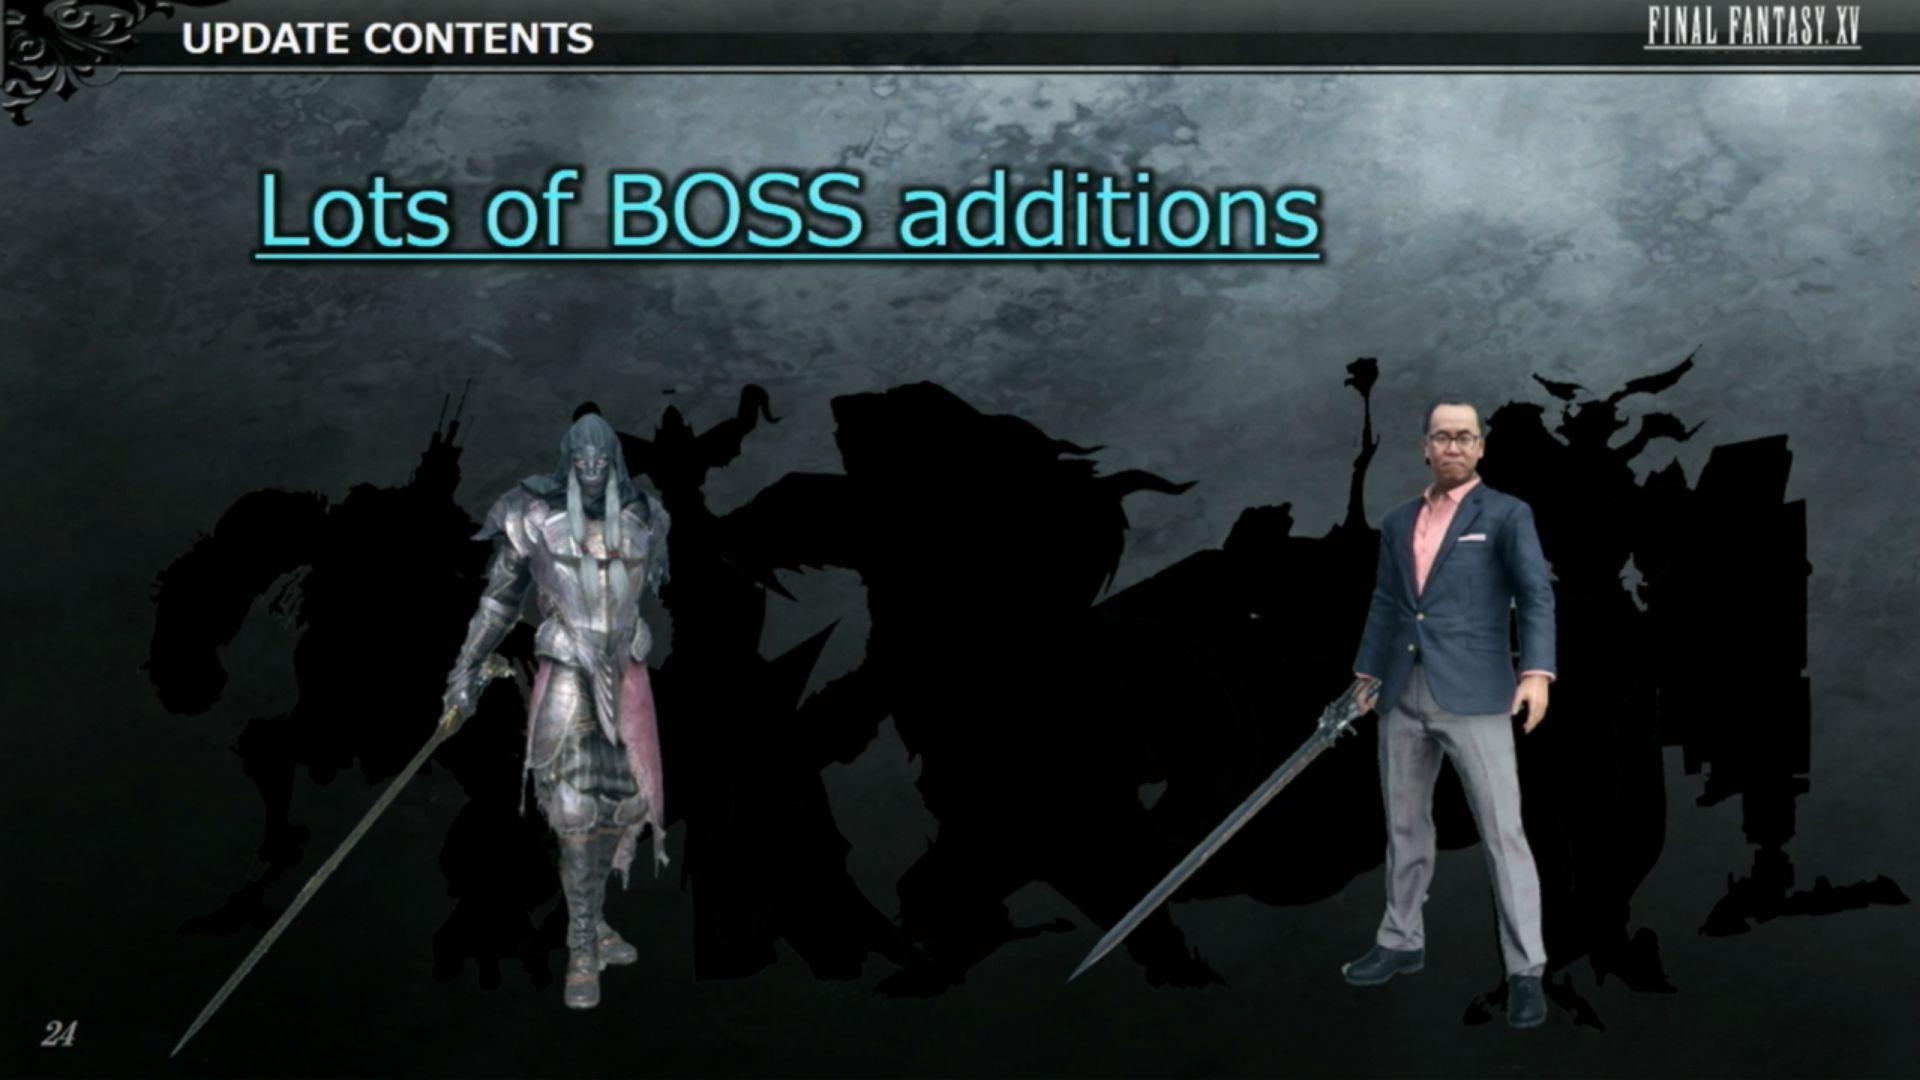 تماشا کنید: اسکوئر انیکس چهار محتوایالحاقی دیگر برای Final Fantasy XV منتشر خواهد کرد | دنیای بازی